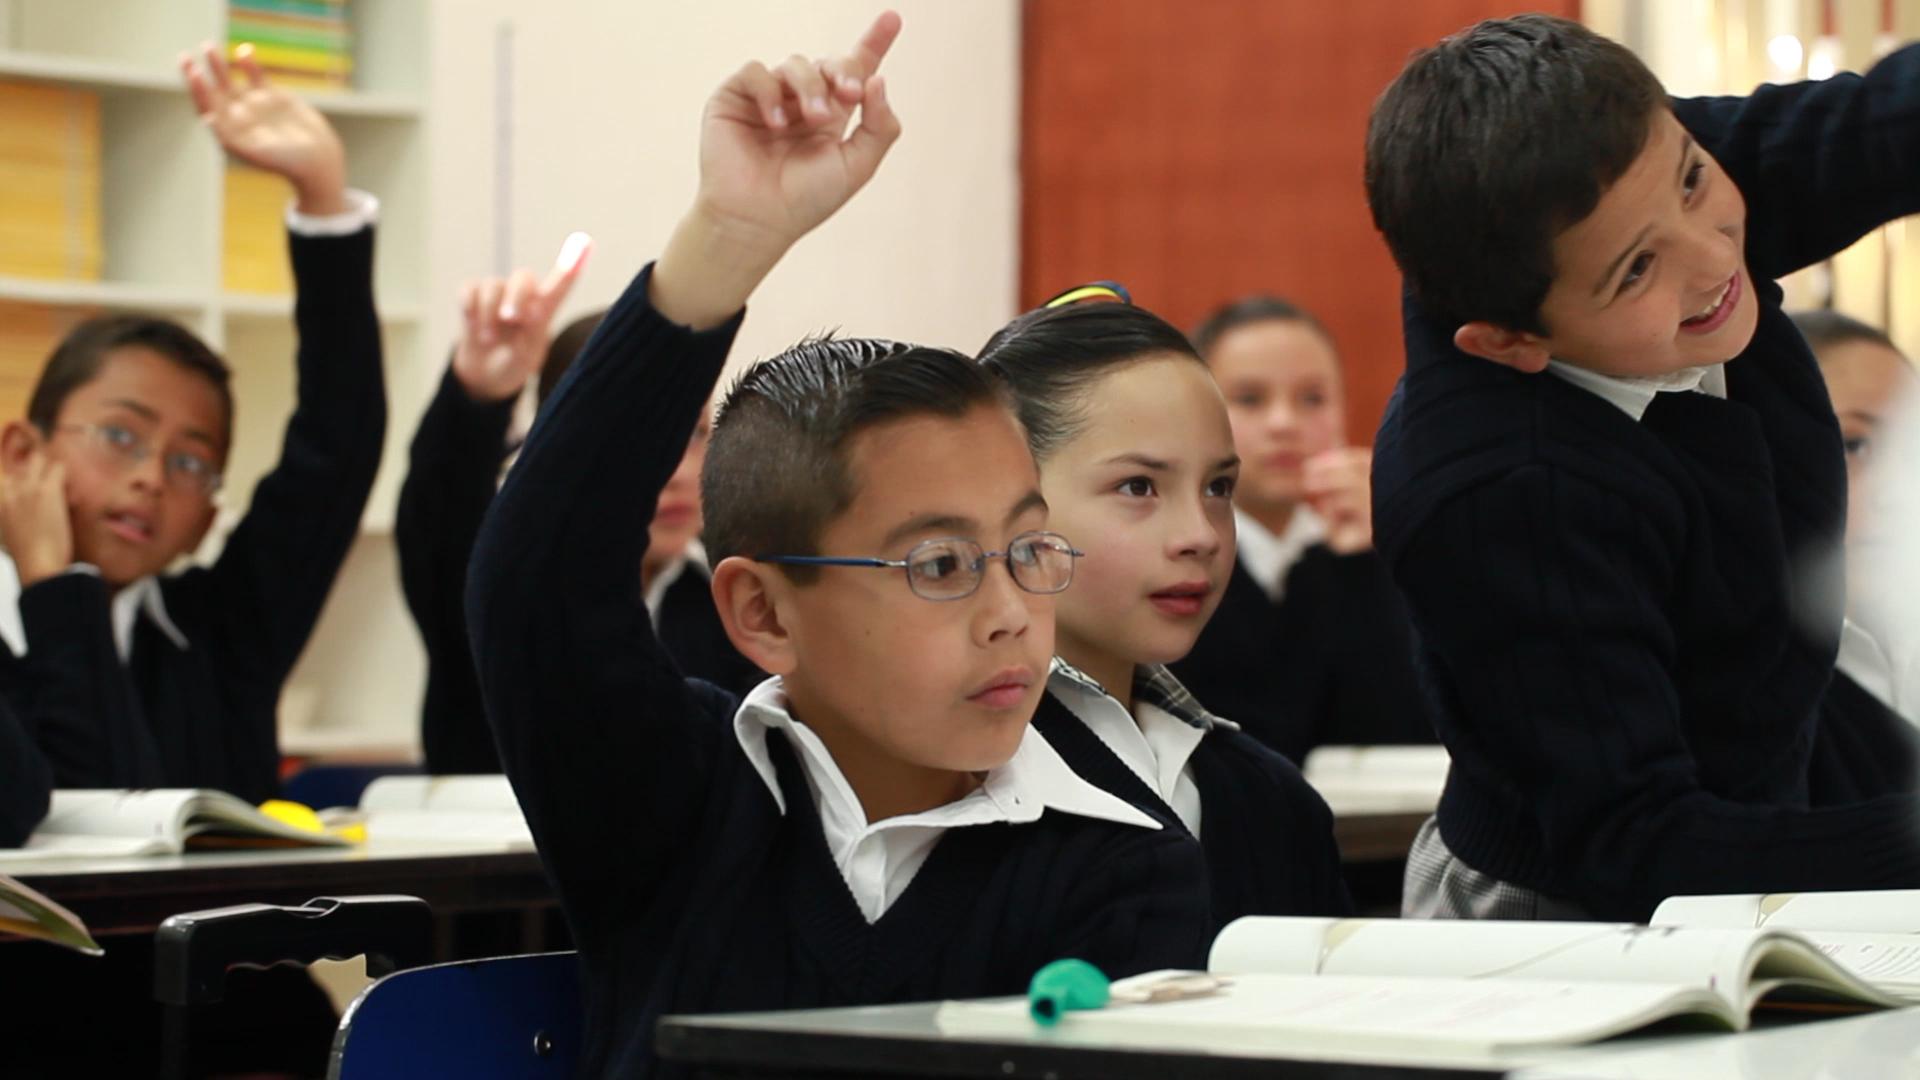 El programa #EscuelasAlCIEN permitirá llevar electricidad a todas las escuelas.